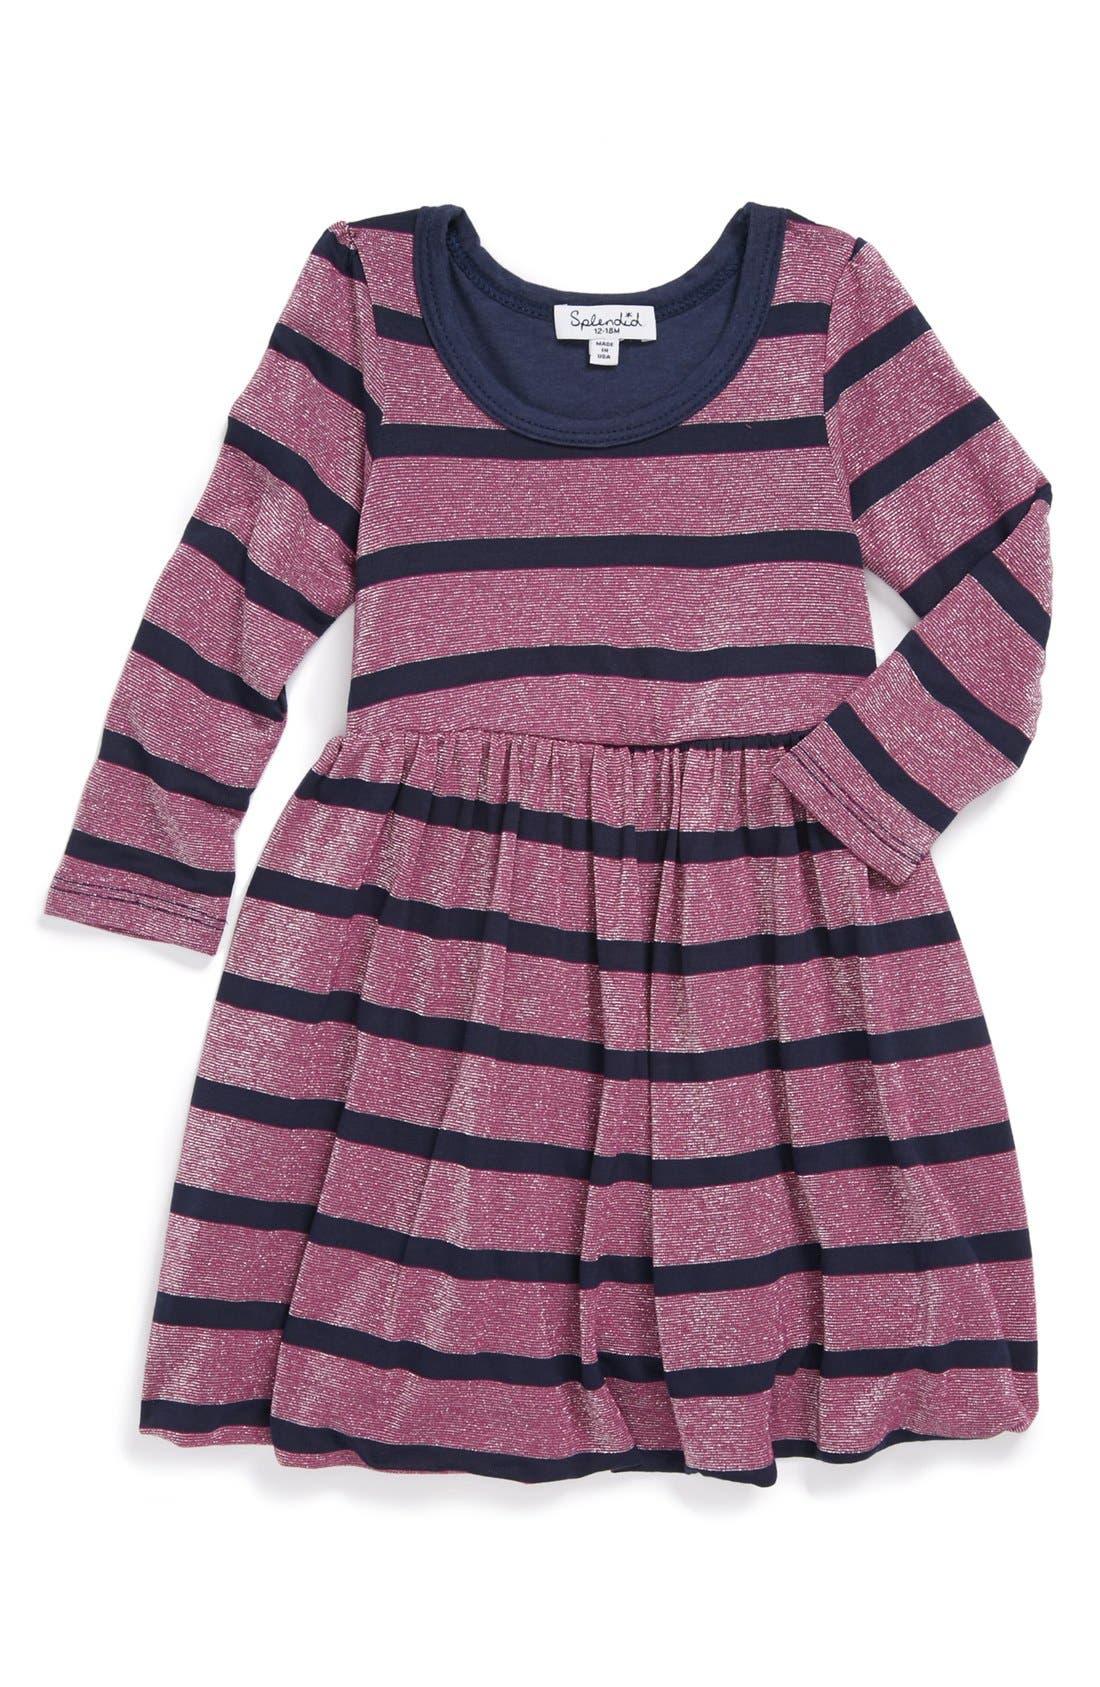 Alternate Image 1 Selected - Splendid Bubble Dress (Baby Girls)